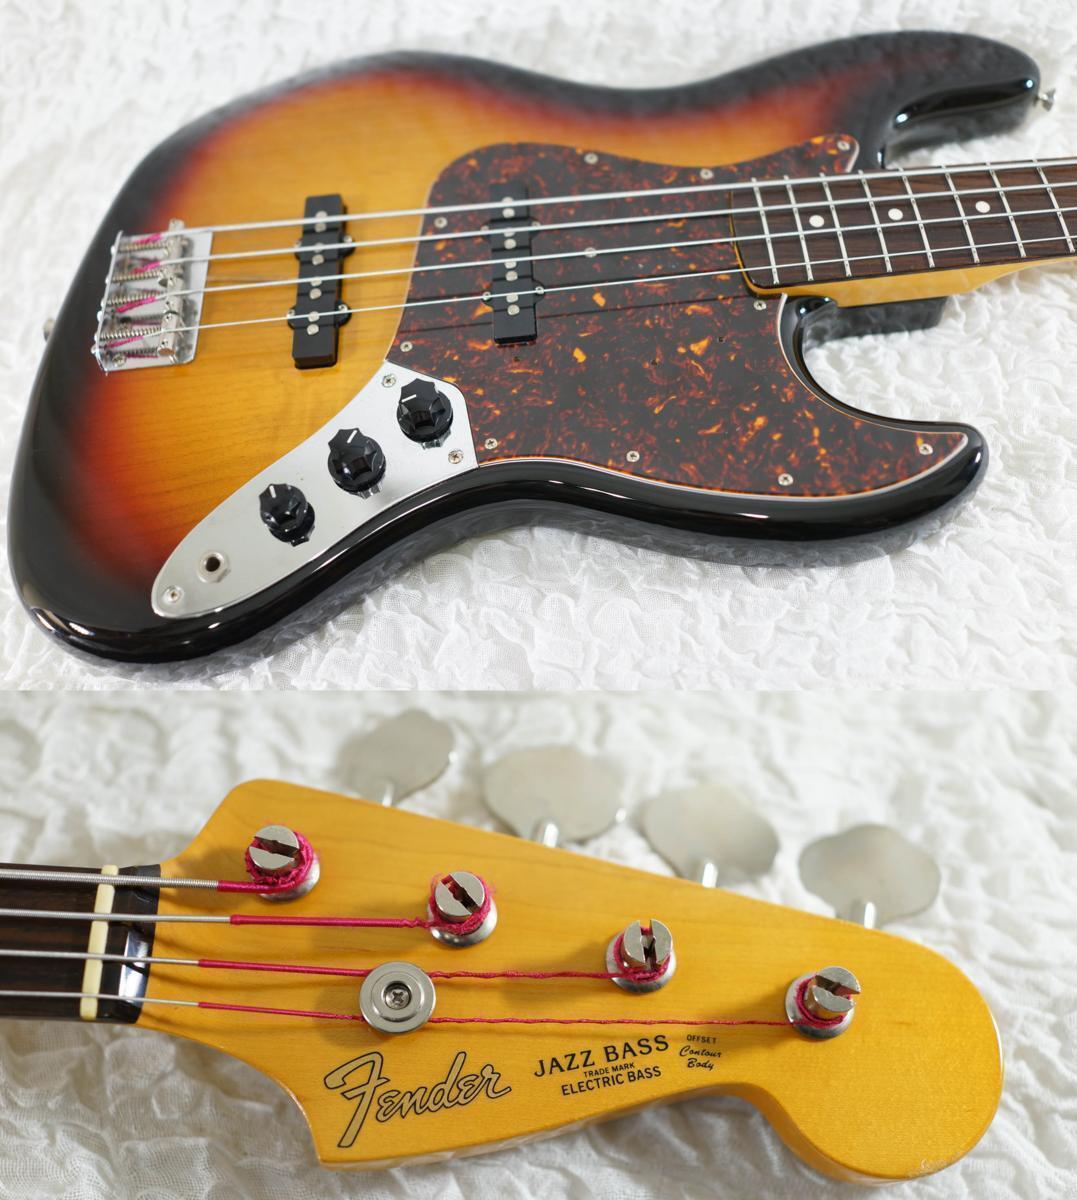 Fender Japan JB62-58US JAZZ BASS 3TS 2002-2004 beautiful rare EMS F S